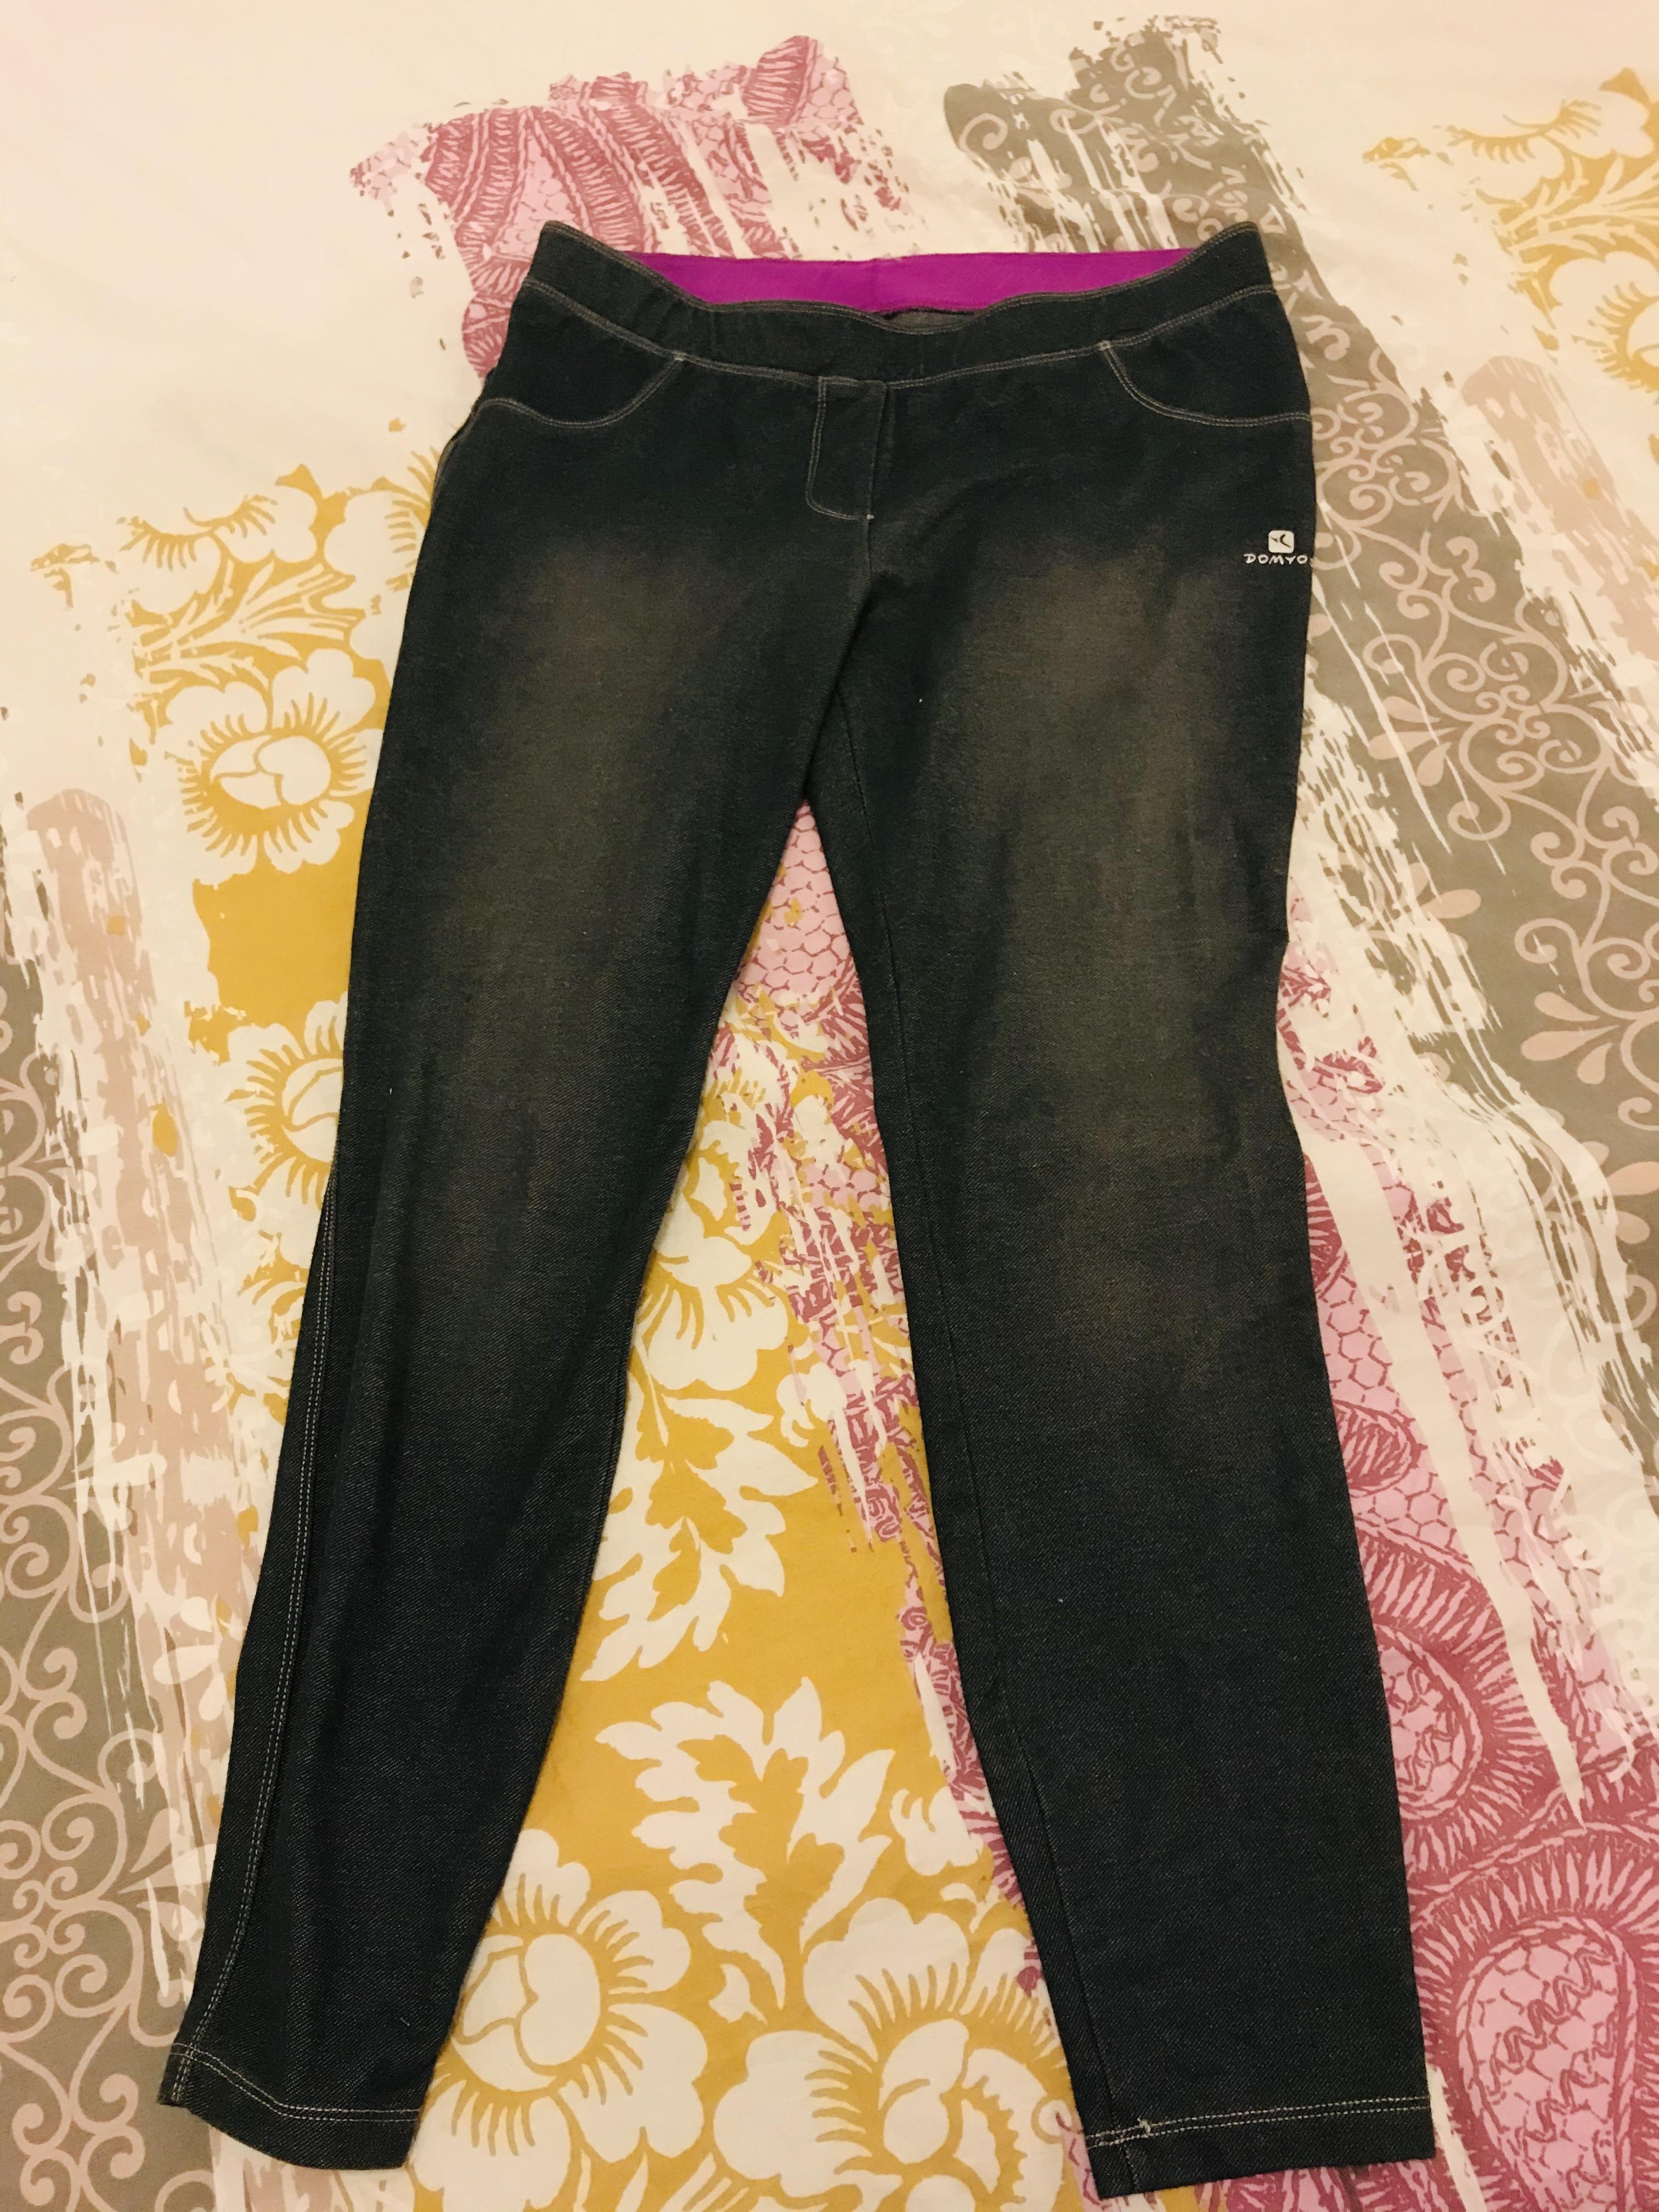 troc de troc jean façon legging - taille 40 image 0